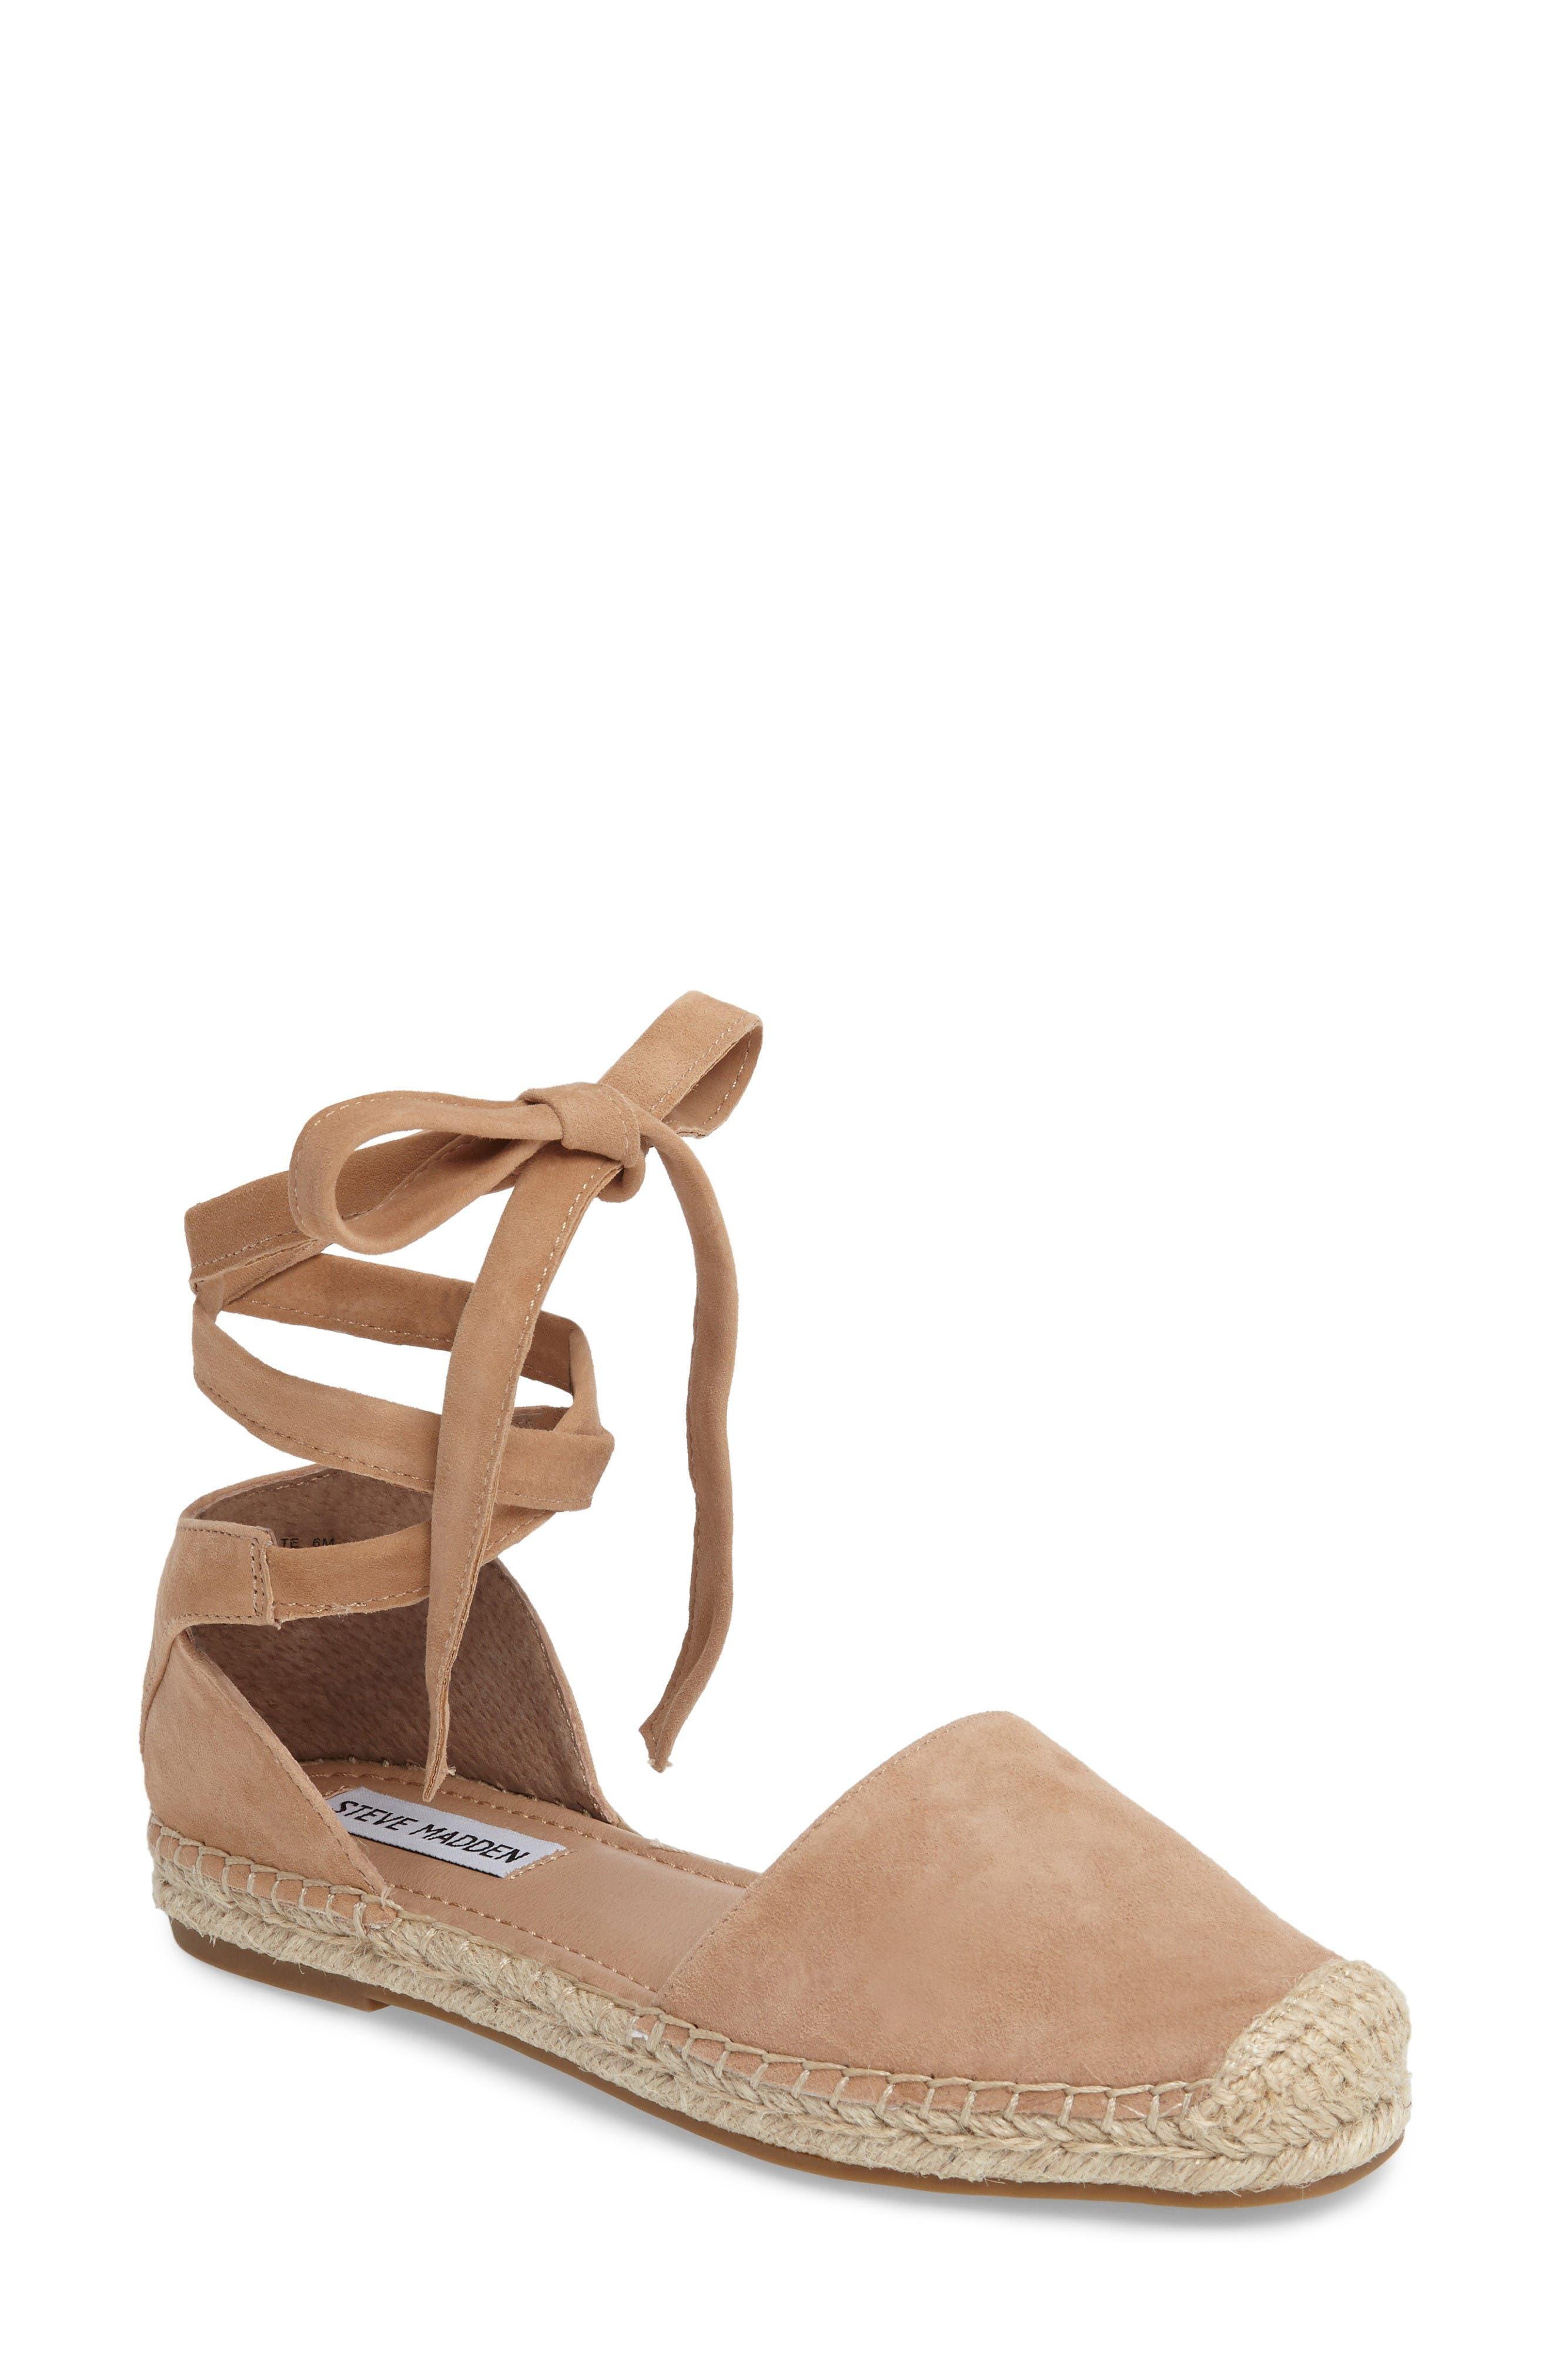 Main Image - Steve Madden Rosette Ankle Wrap Espadrille Flat (Women)